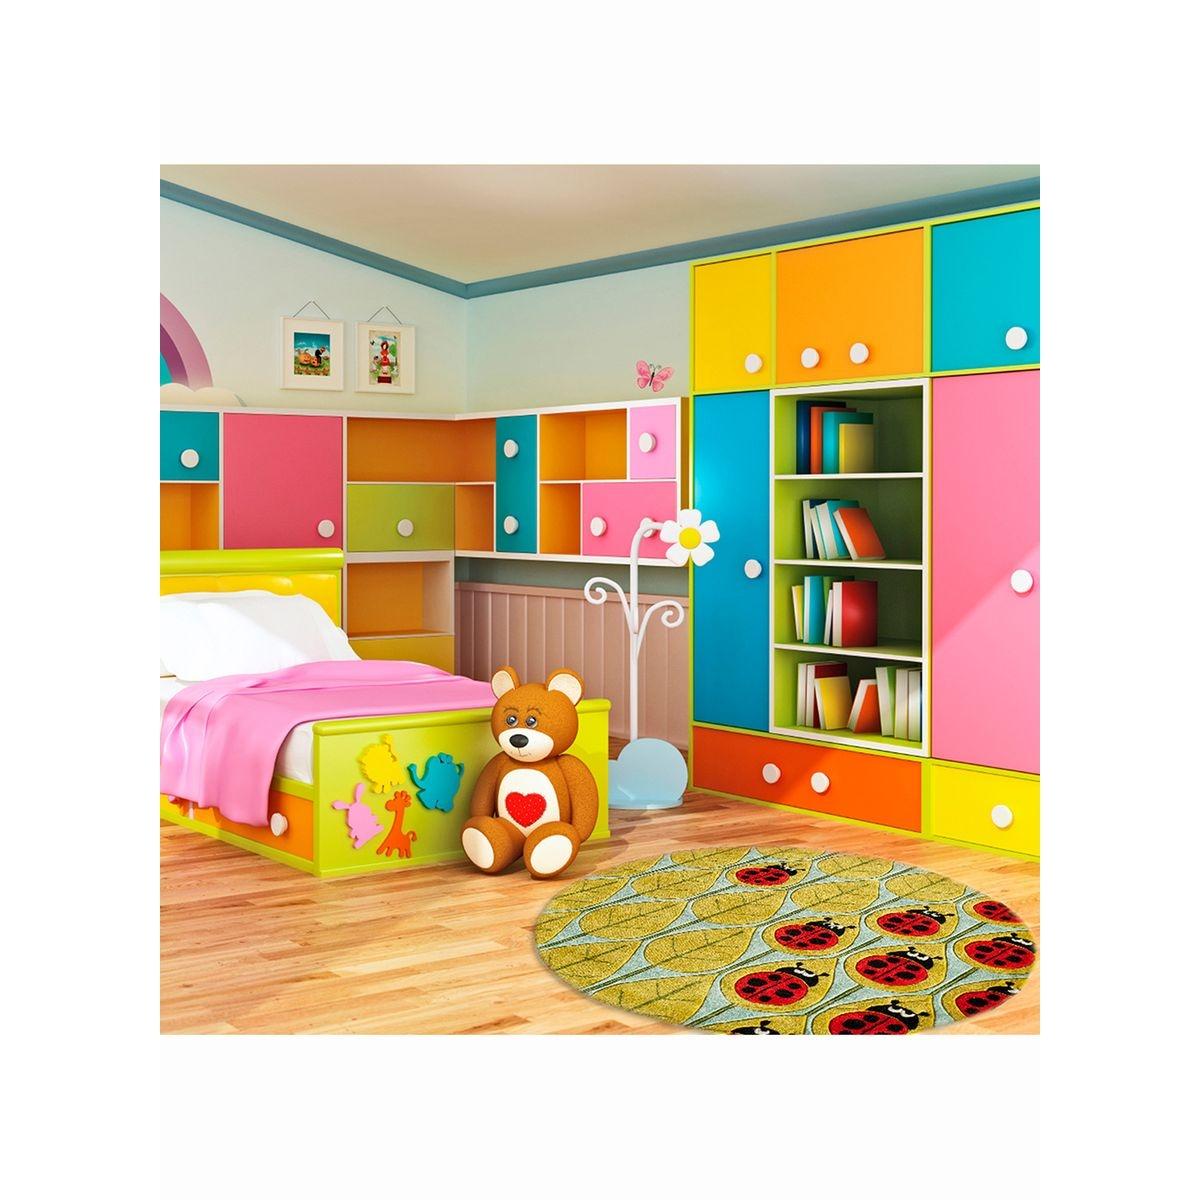 Tapis pour enfants chambre LADY BUG - polyester